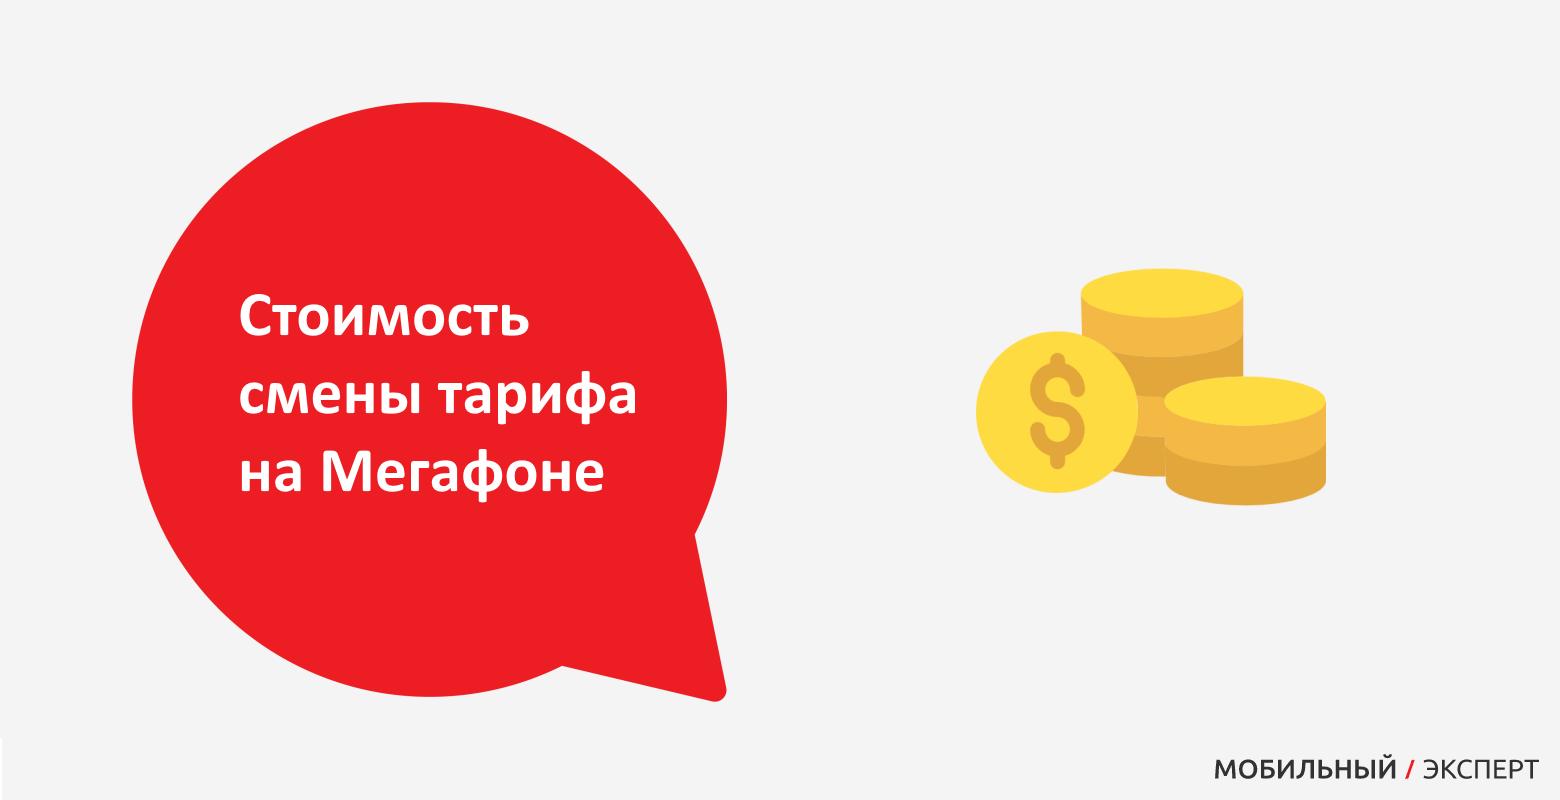 Стоимость смены тарифа на Мегафоне